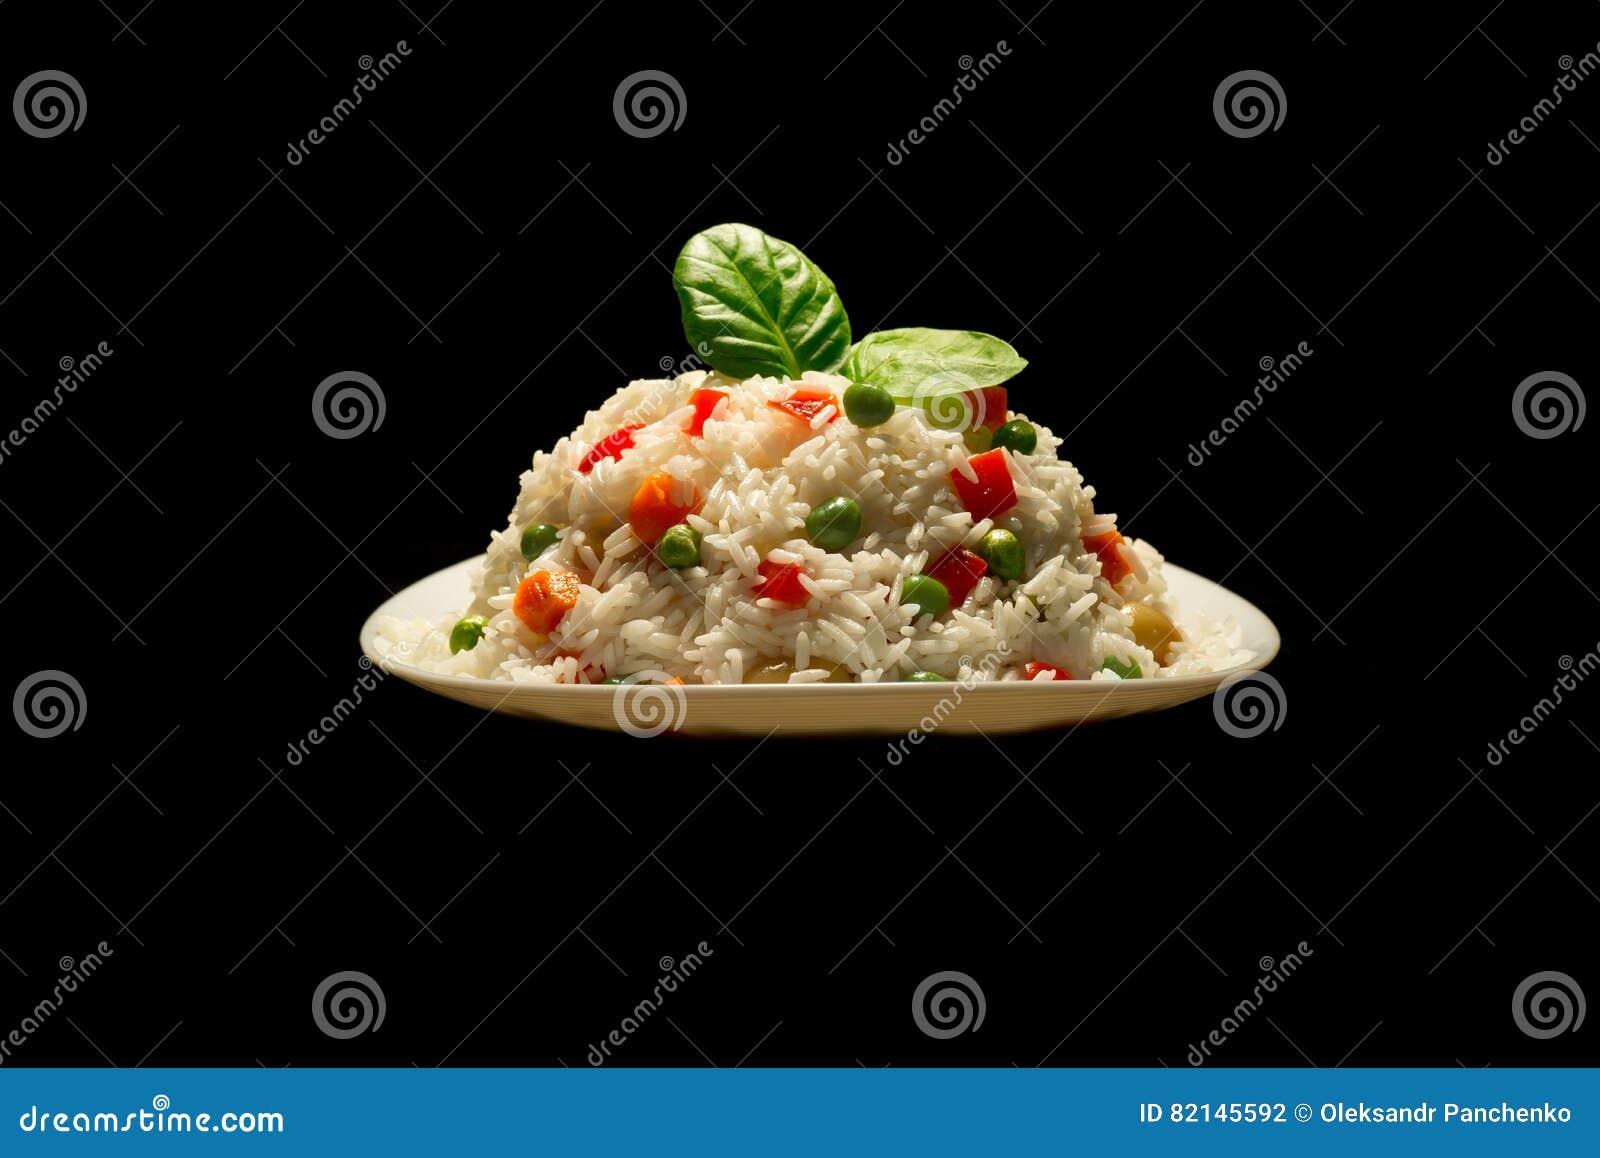 Verduras risotto de carne y